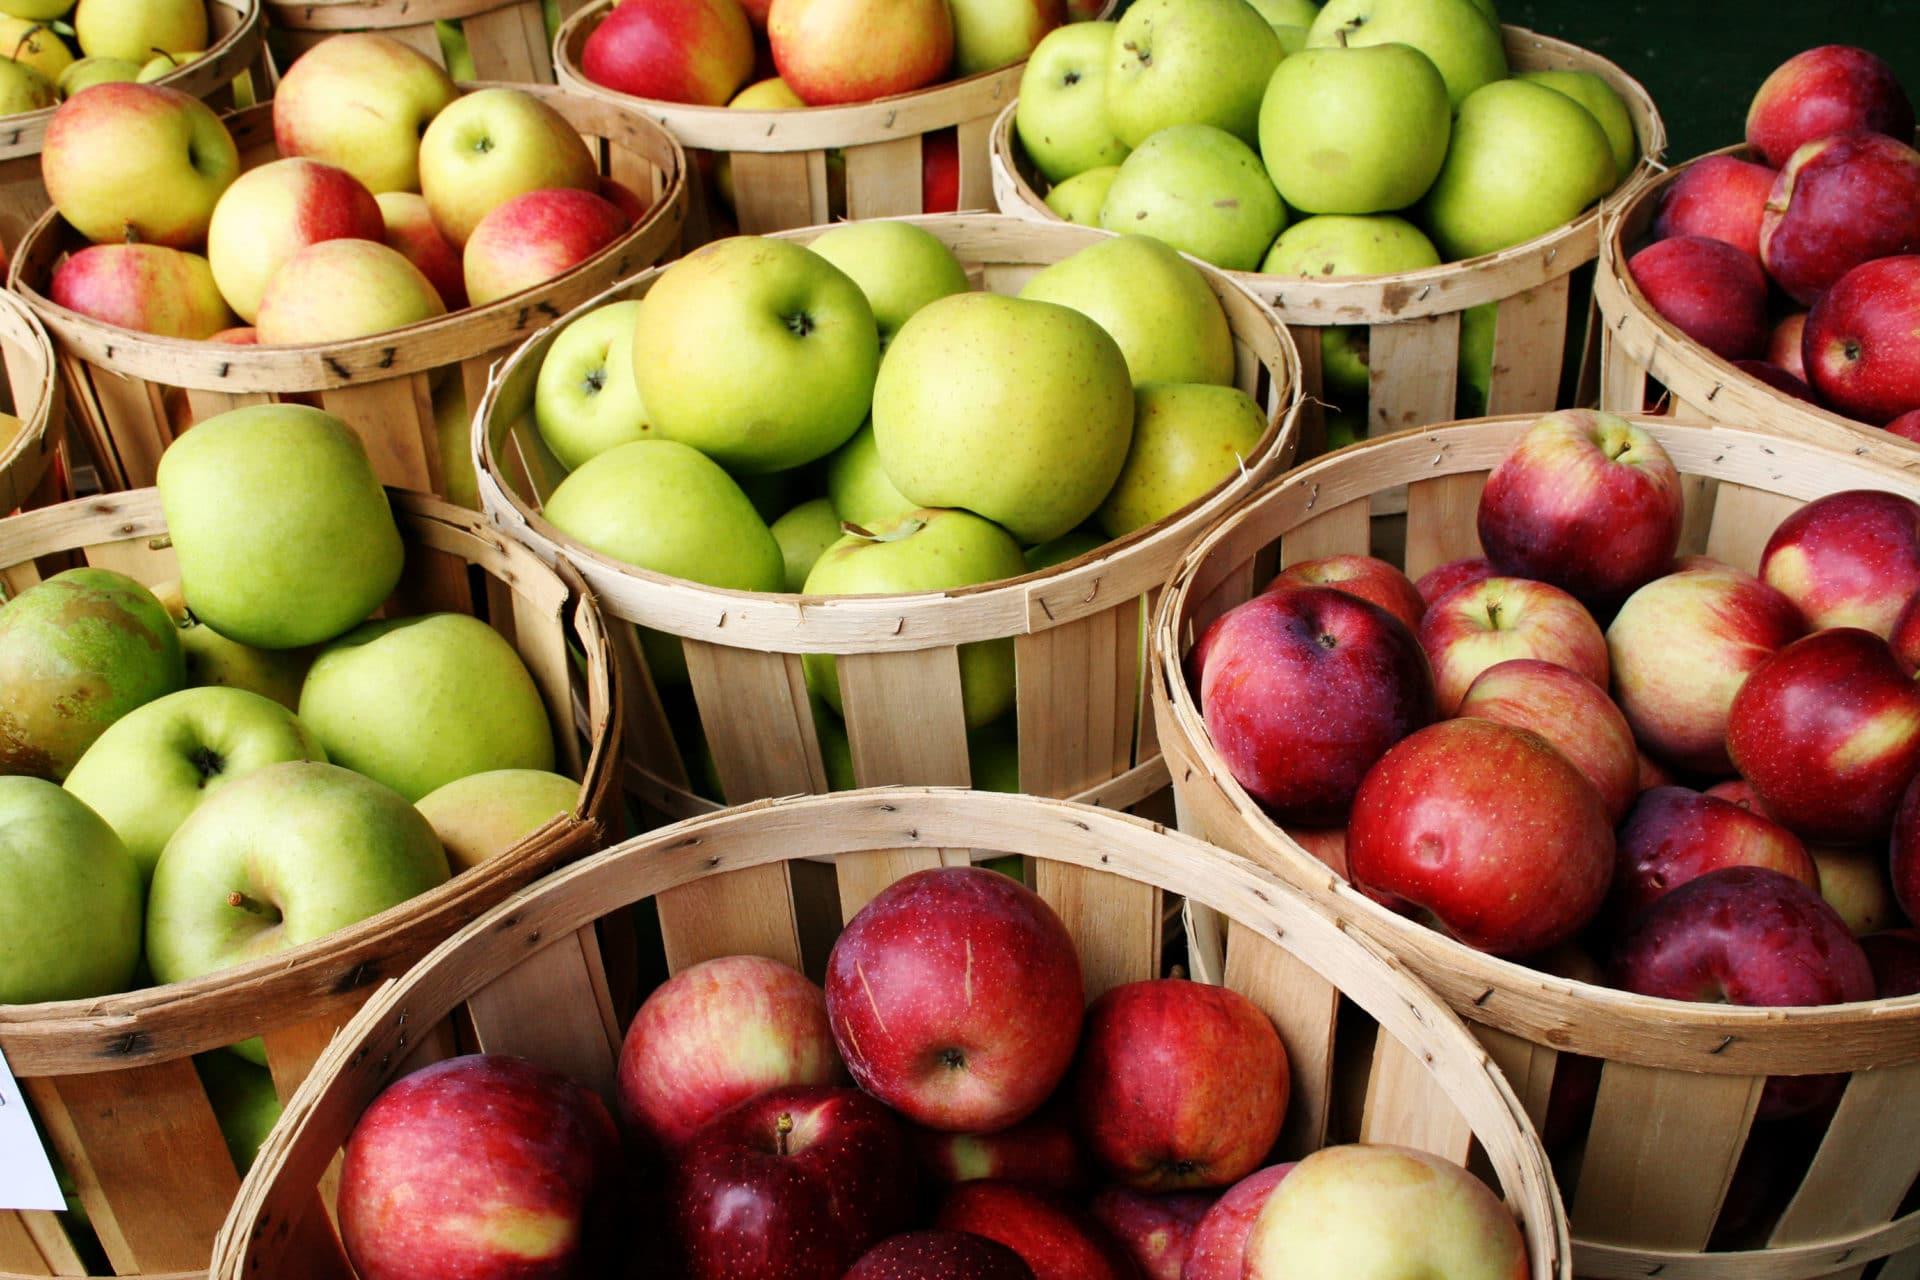 В Северной Осетии в 2020 году собрали 43,6 тысяч тонн плодов и ягод